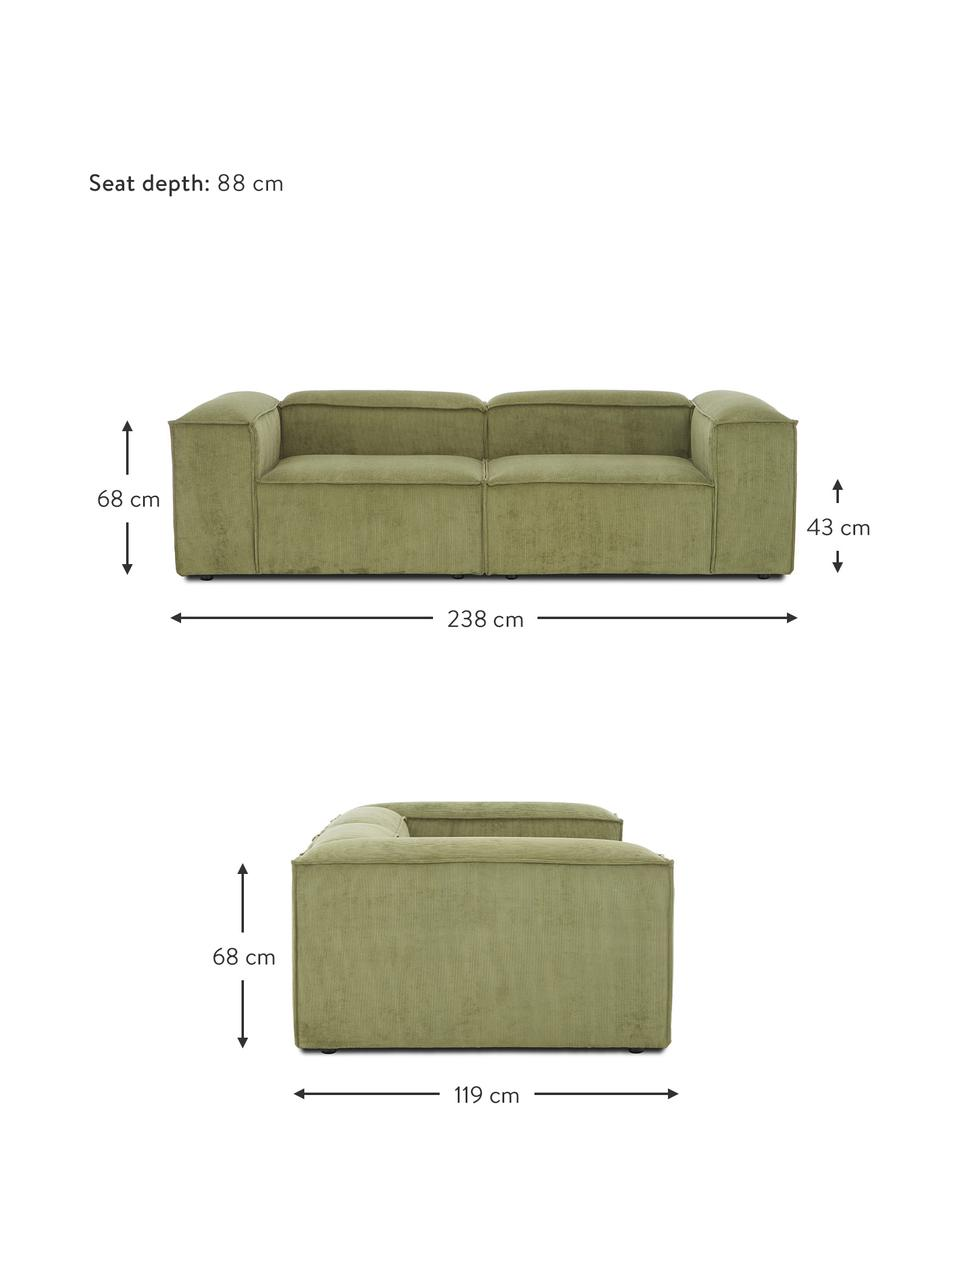 Canapé modulable 3 places velours côtelé vert Lennon, Velours côtelé vert